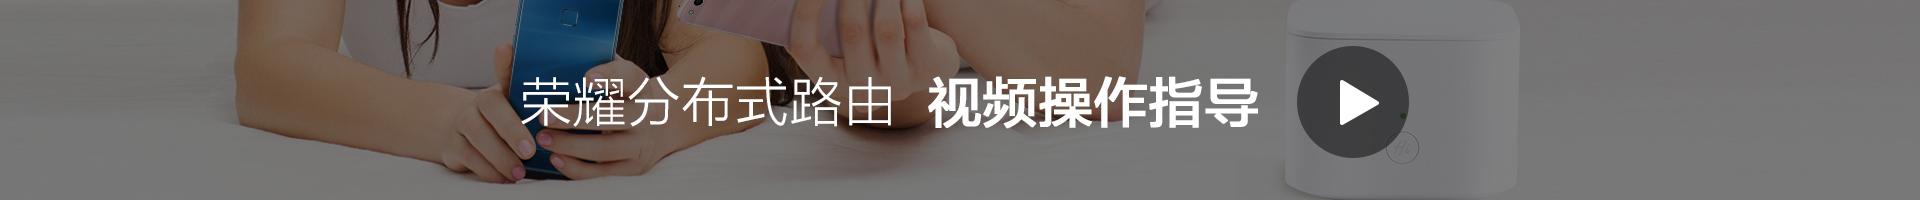 18-荣耀分布式路由.jpg